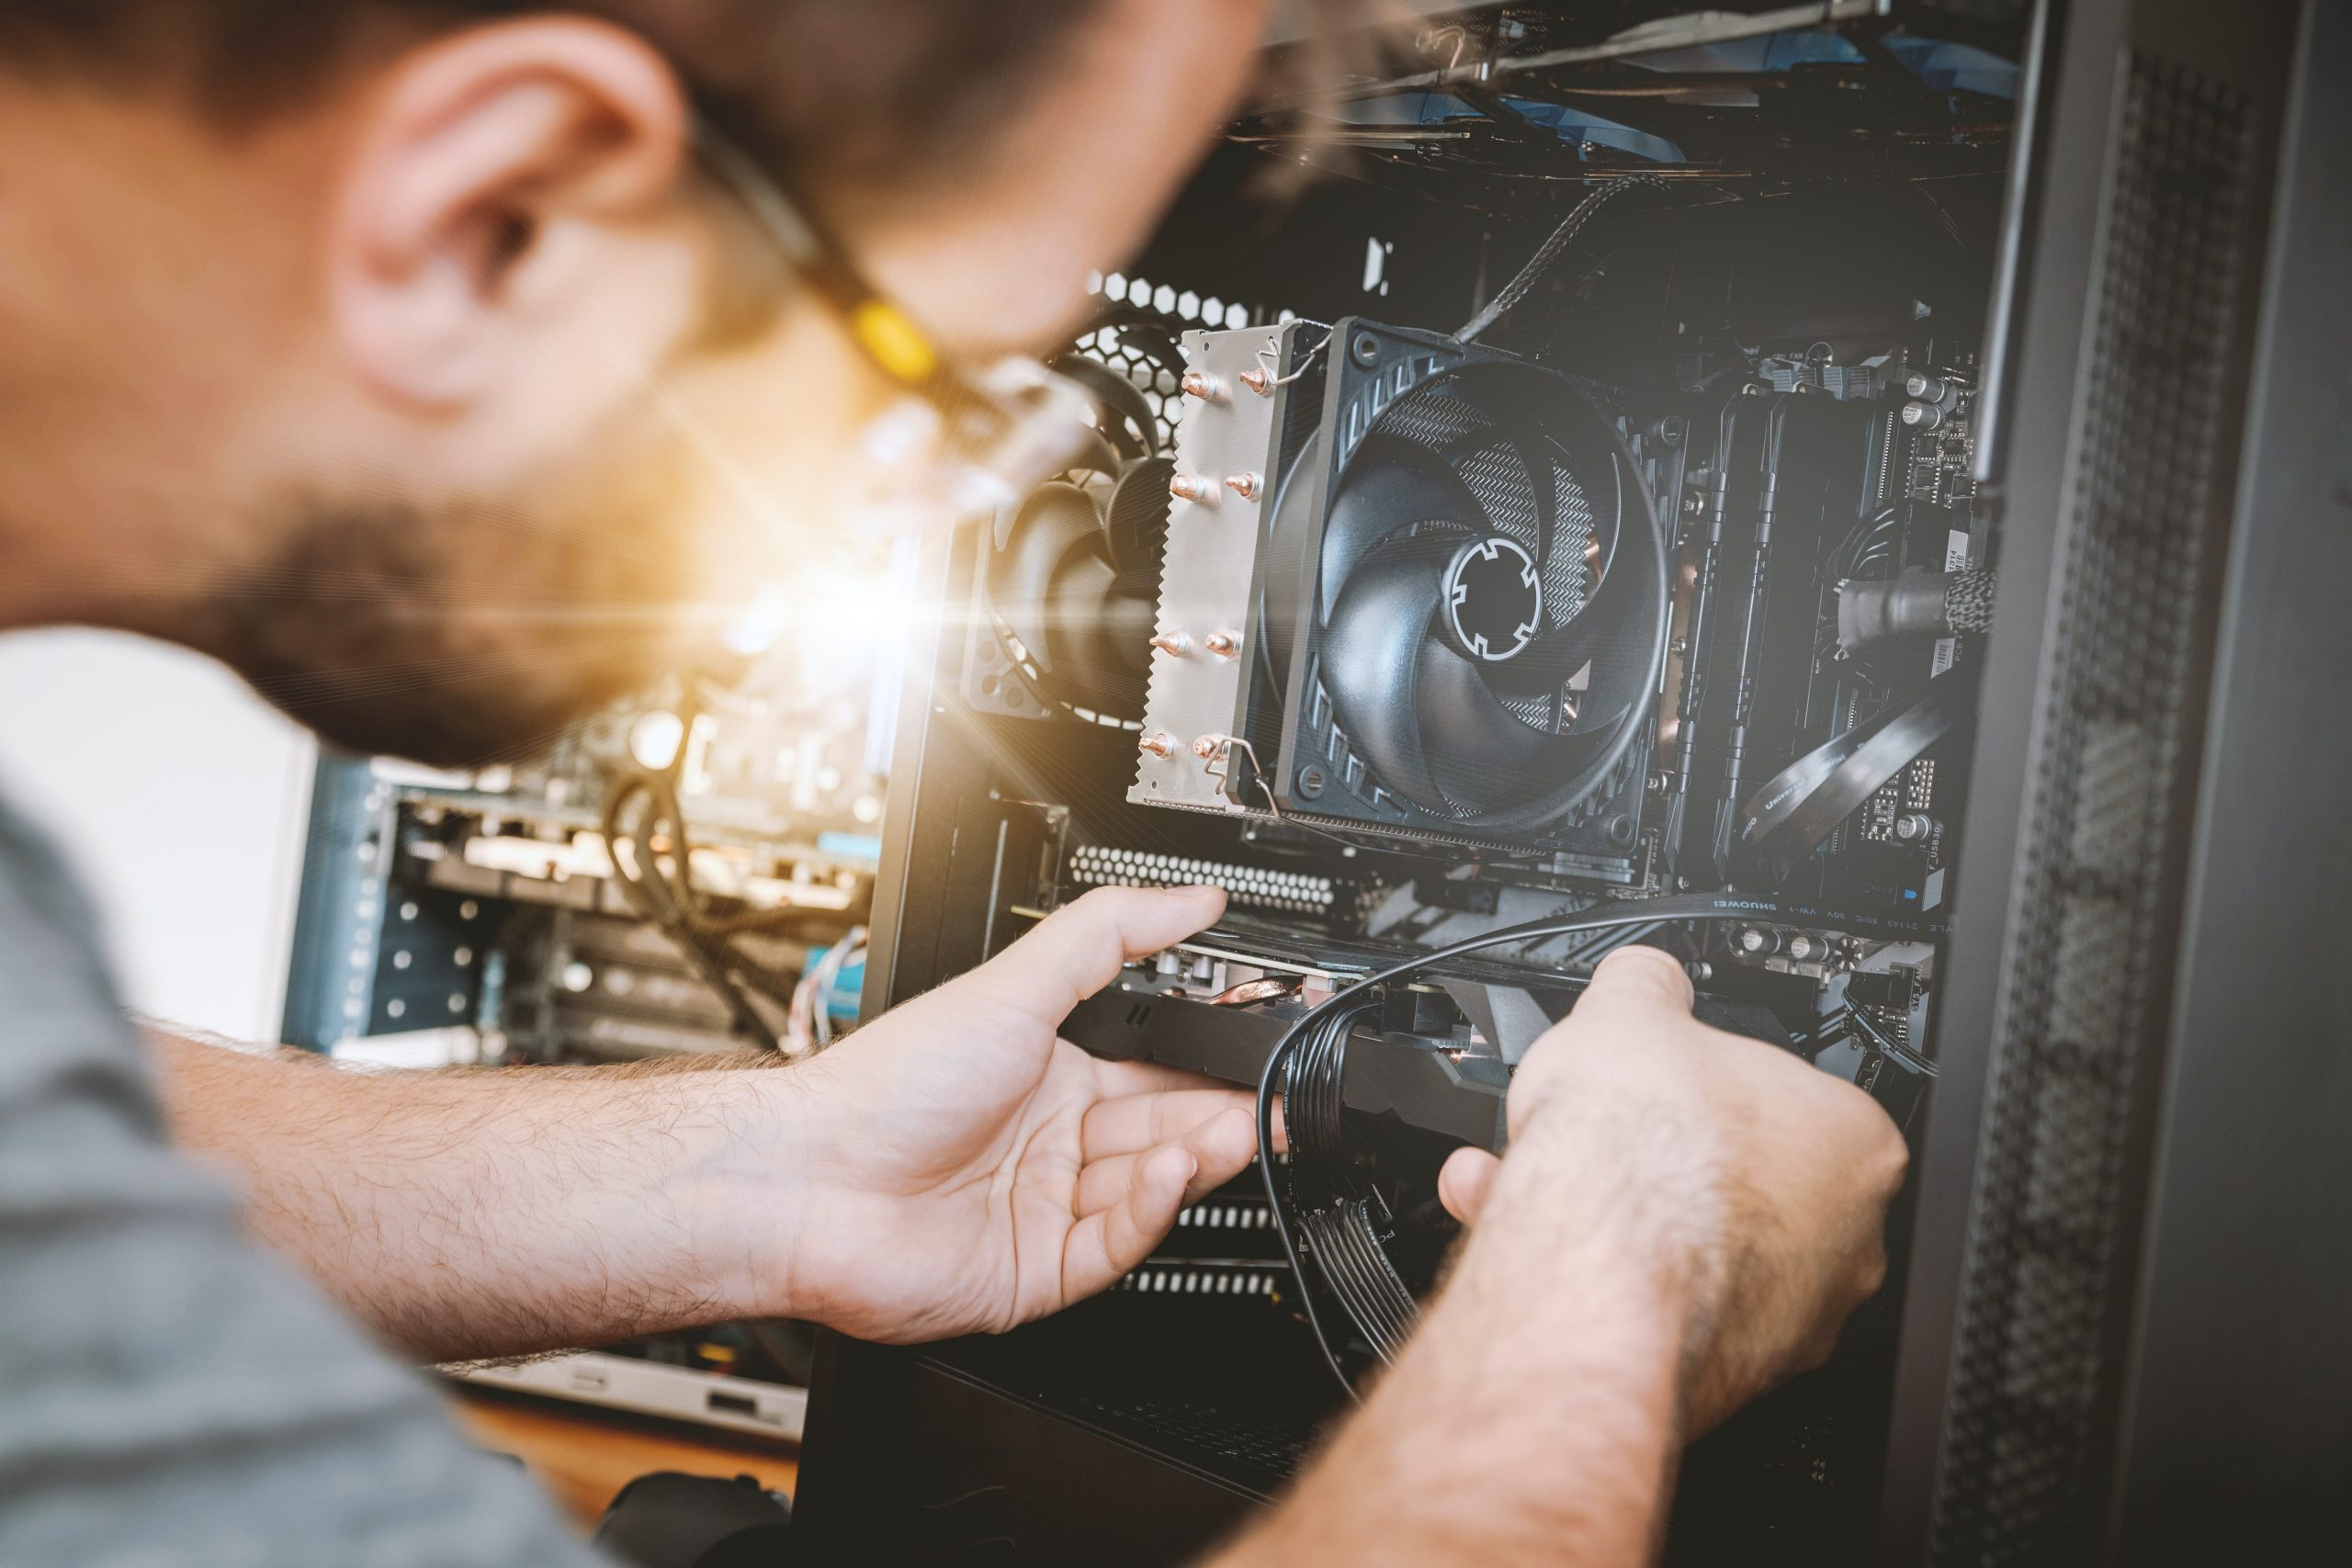 Imagem de um homem realizando a manutenção de um computador.